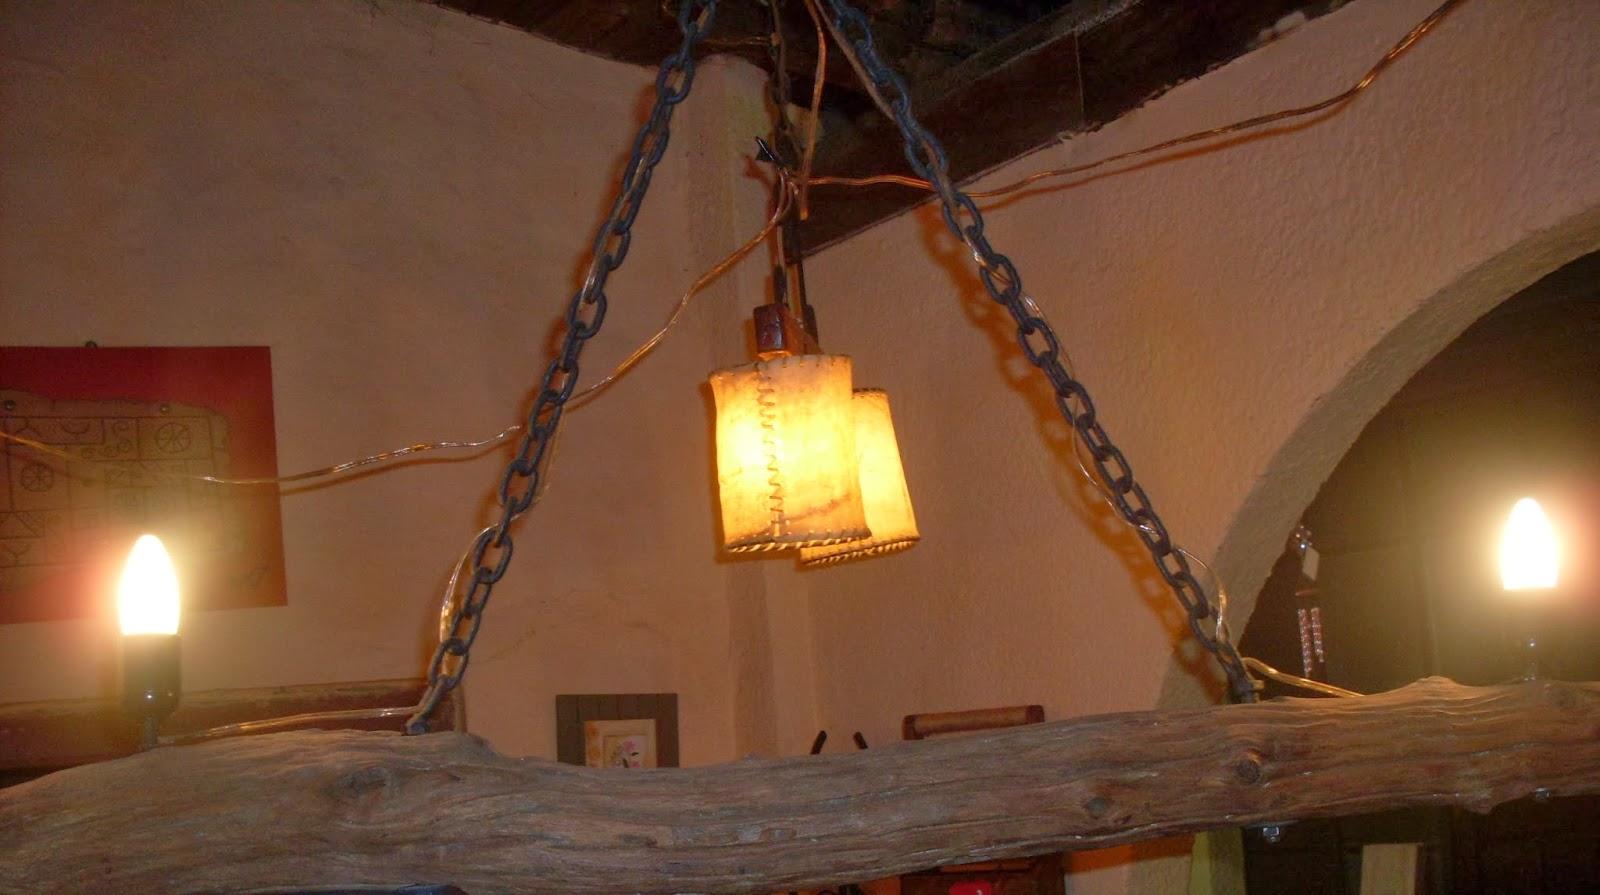 El desv n taller de hierro y madera ta 39 bueno - Lamparas de pie rusticas de madera ...